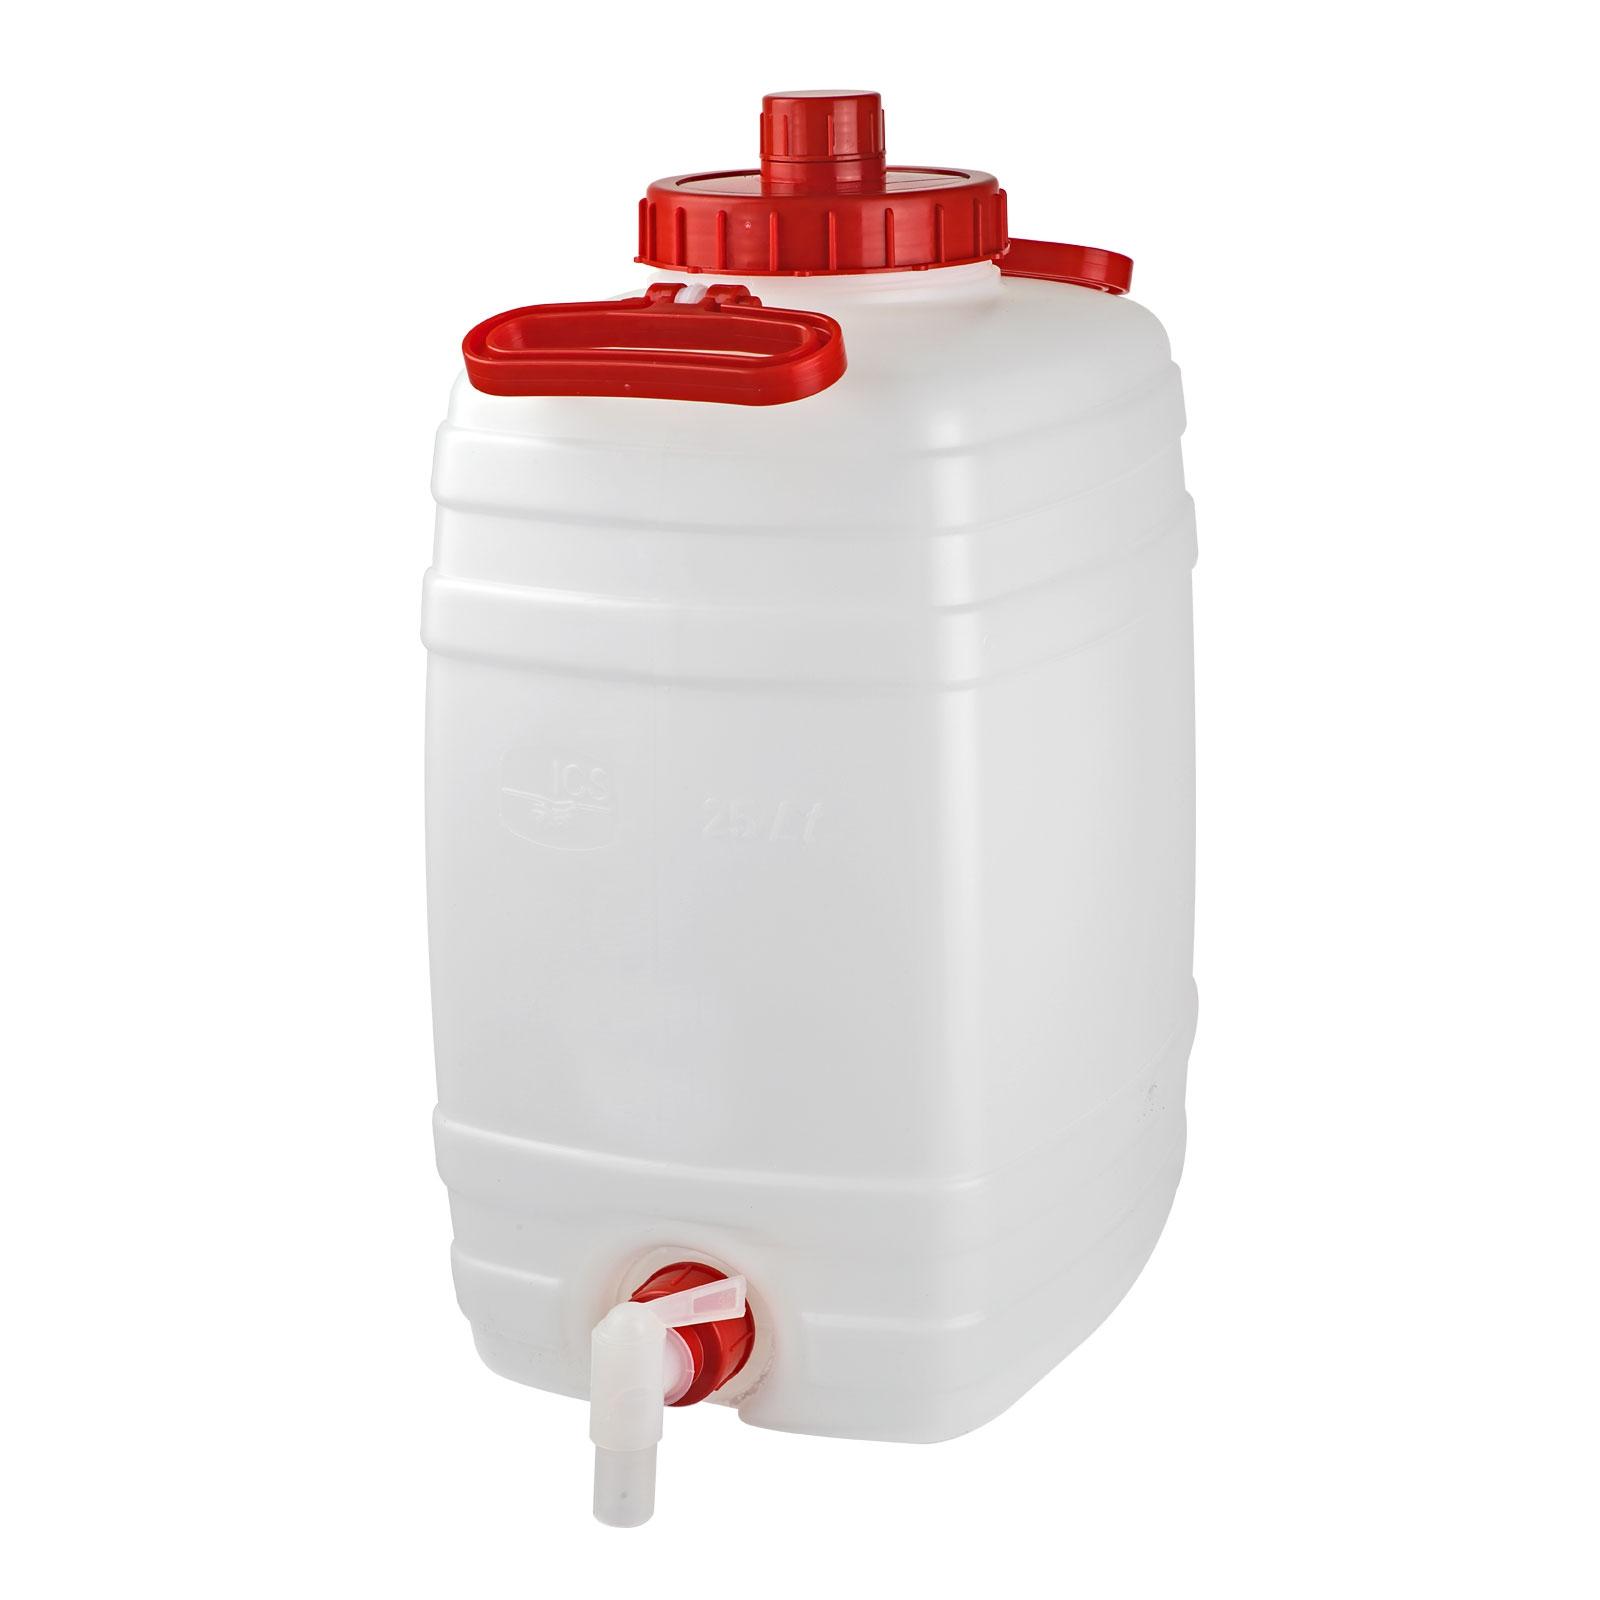 Dema Gärfass Maischefass Mostfass Weinfass Gärbehälter 10-25 Liter 30163